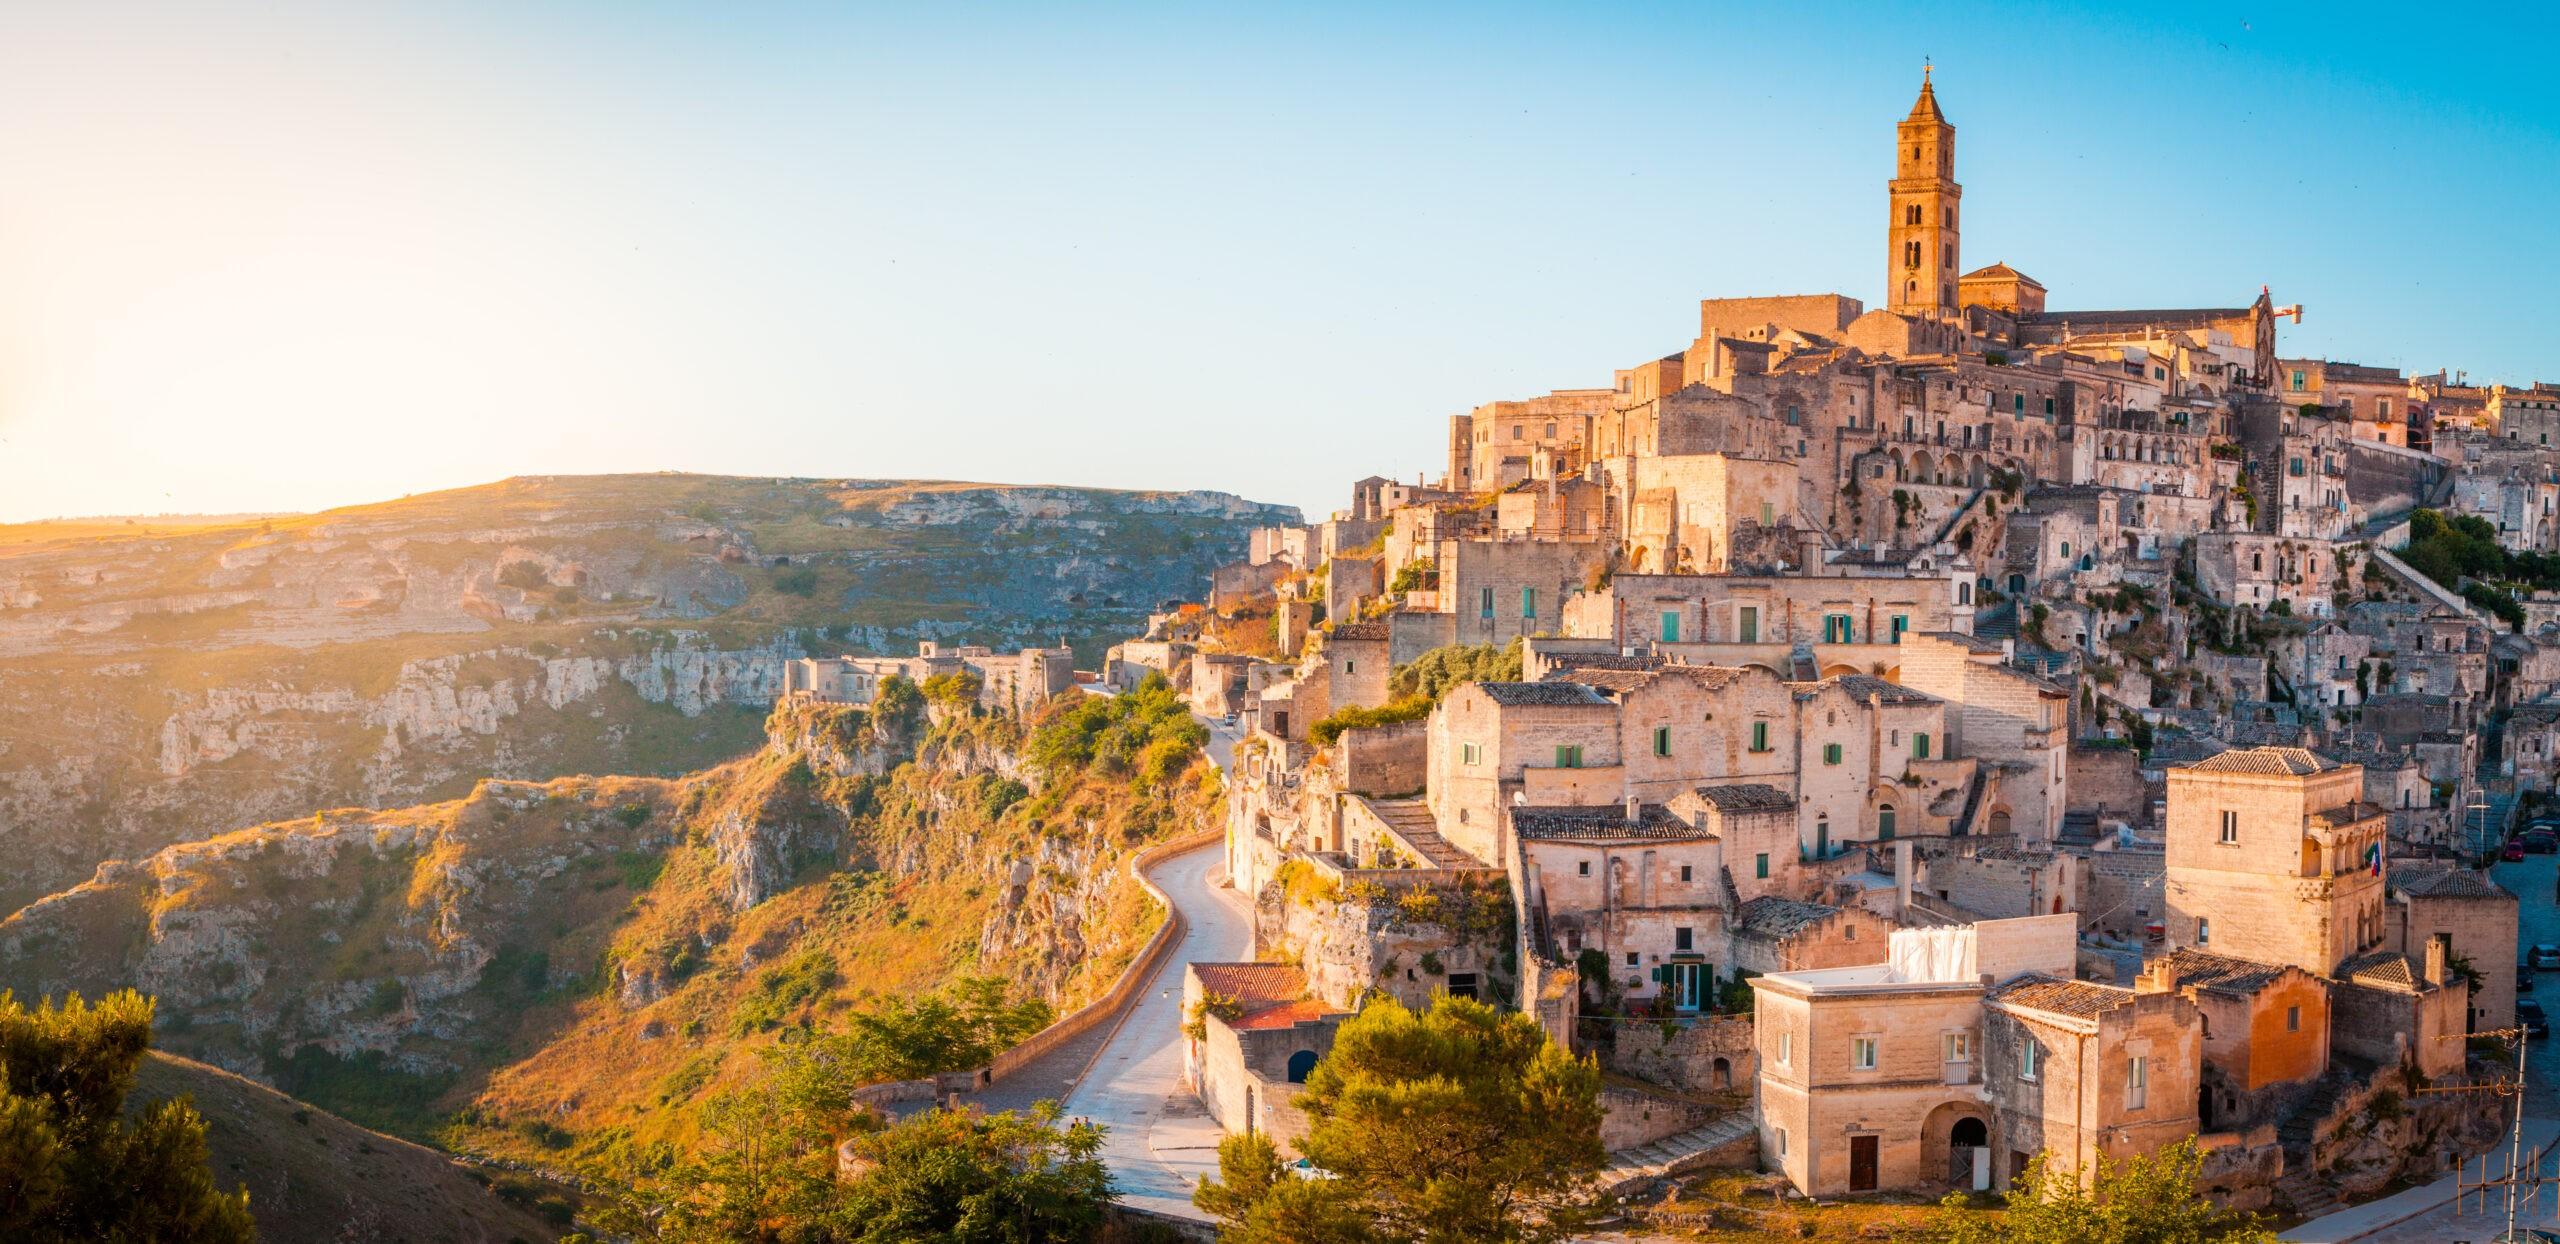 Panoramiczny widok na starożytnego miasta Matera (Sassi di Matera) w pięknym złotym świetle rano o wschodzie słońca, Basilicata, południowe Włochy